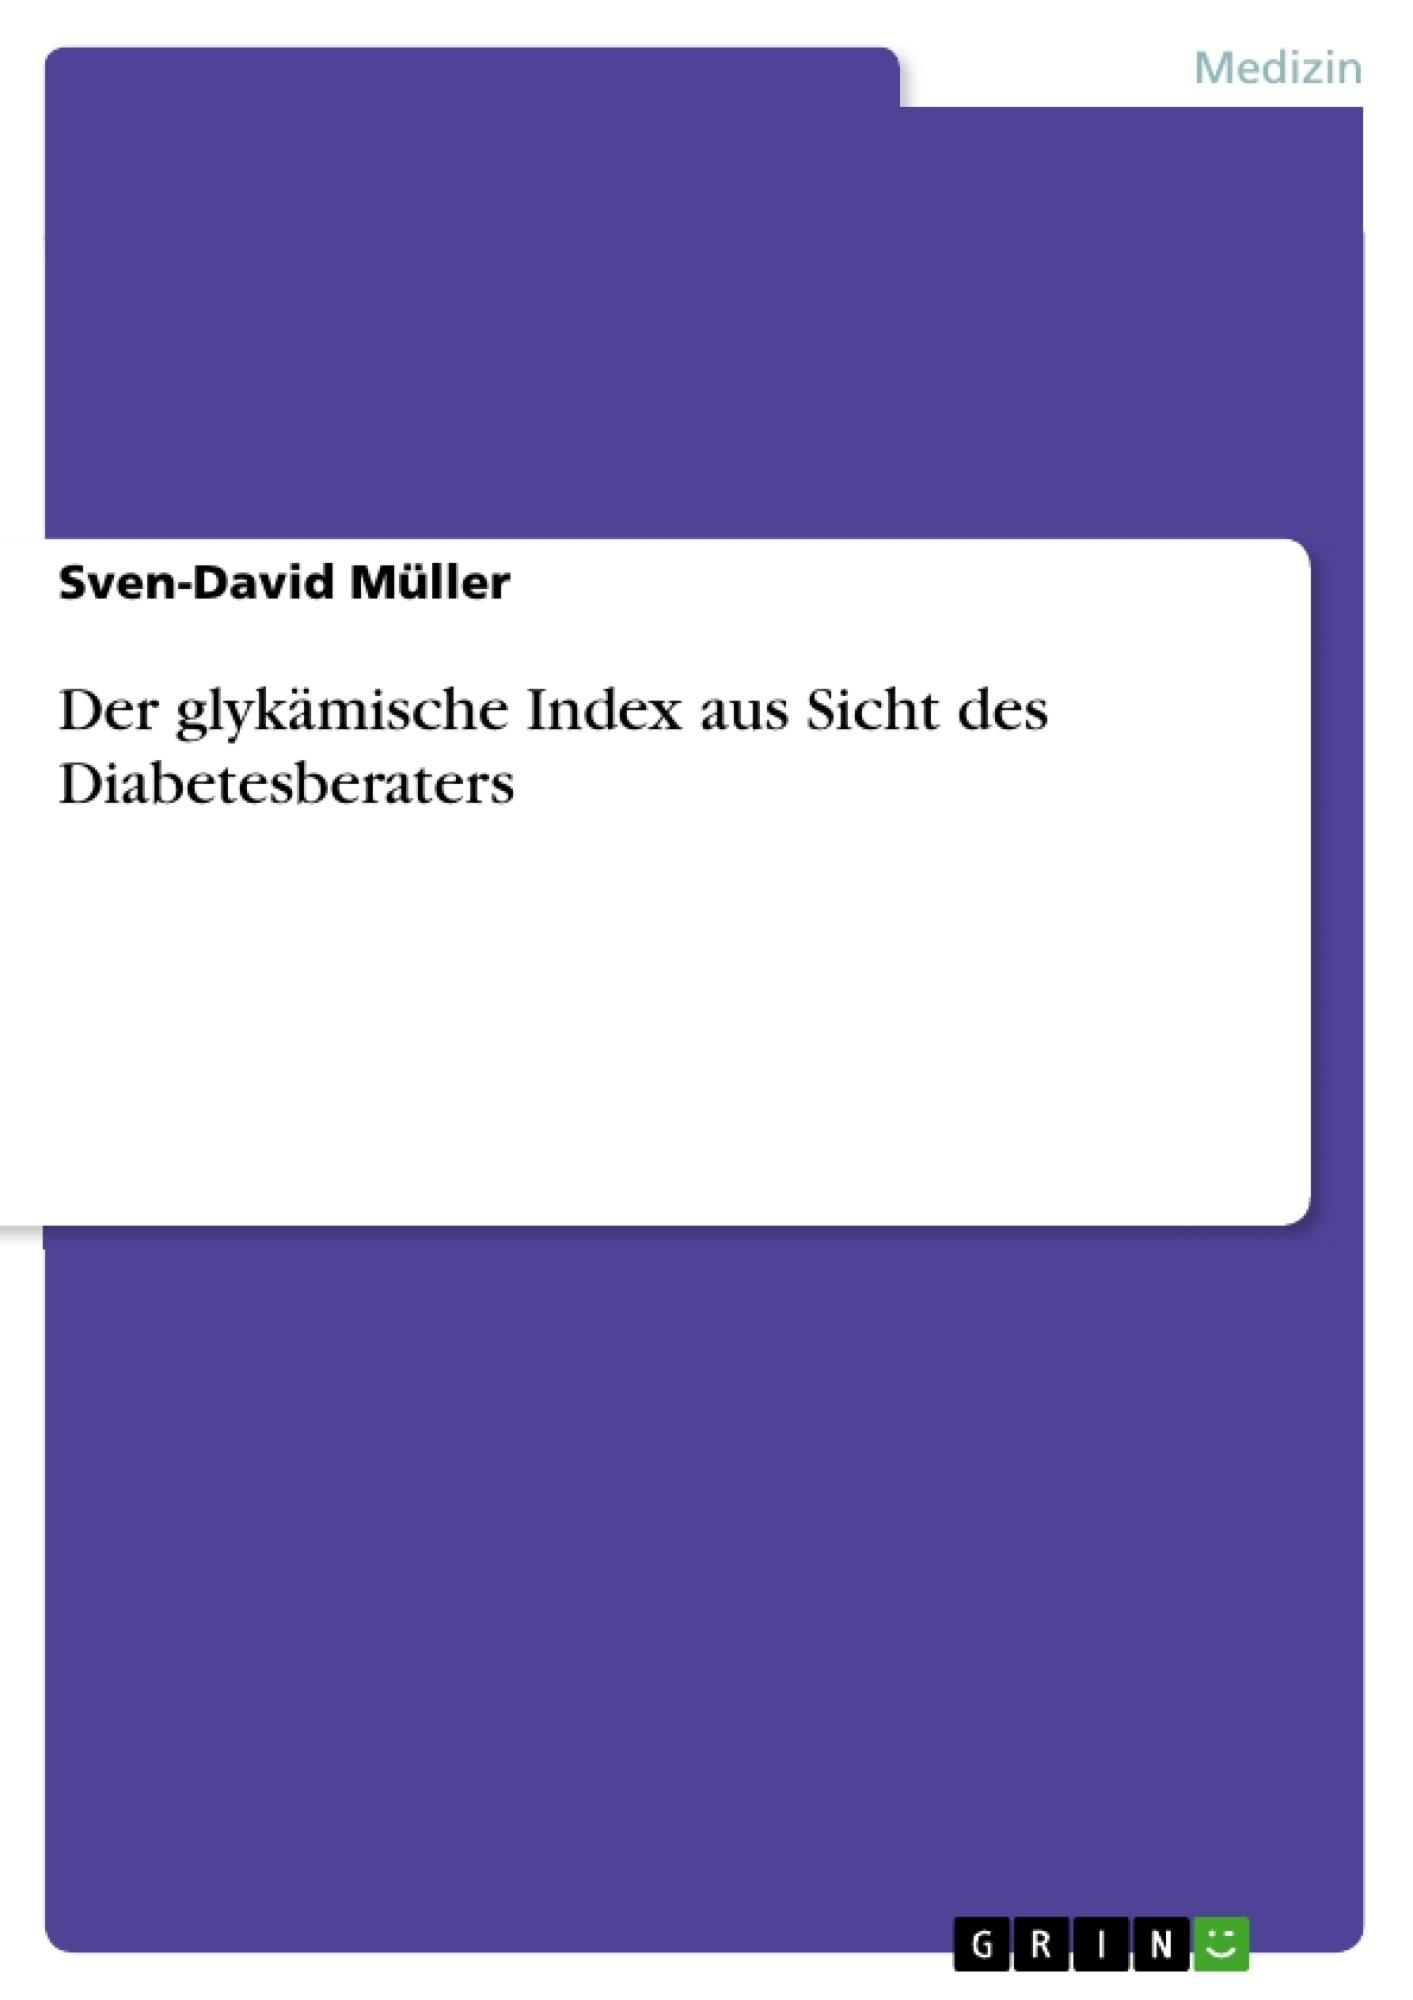 DGLR Symposium Munich,